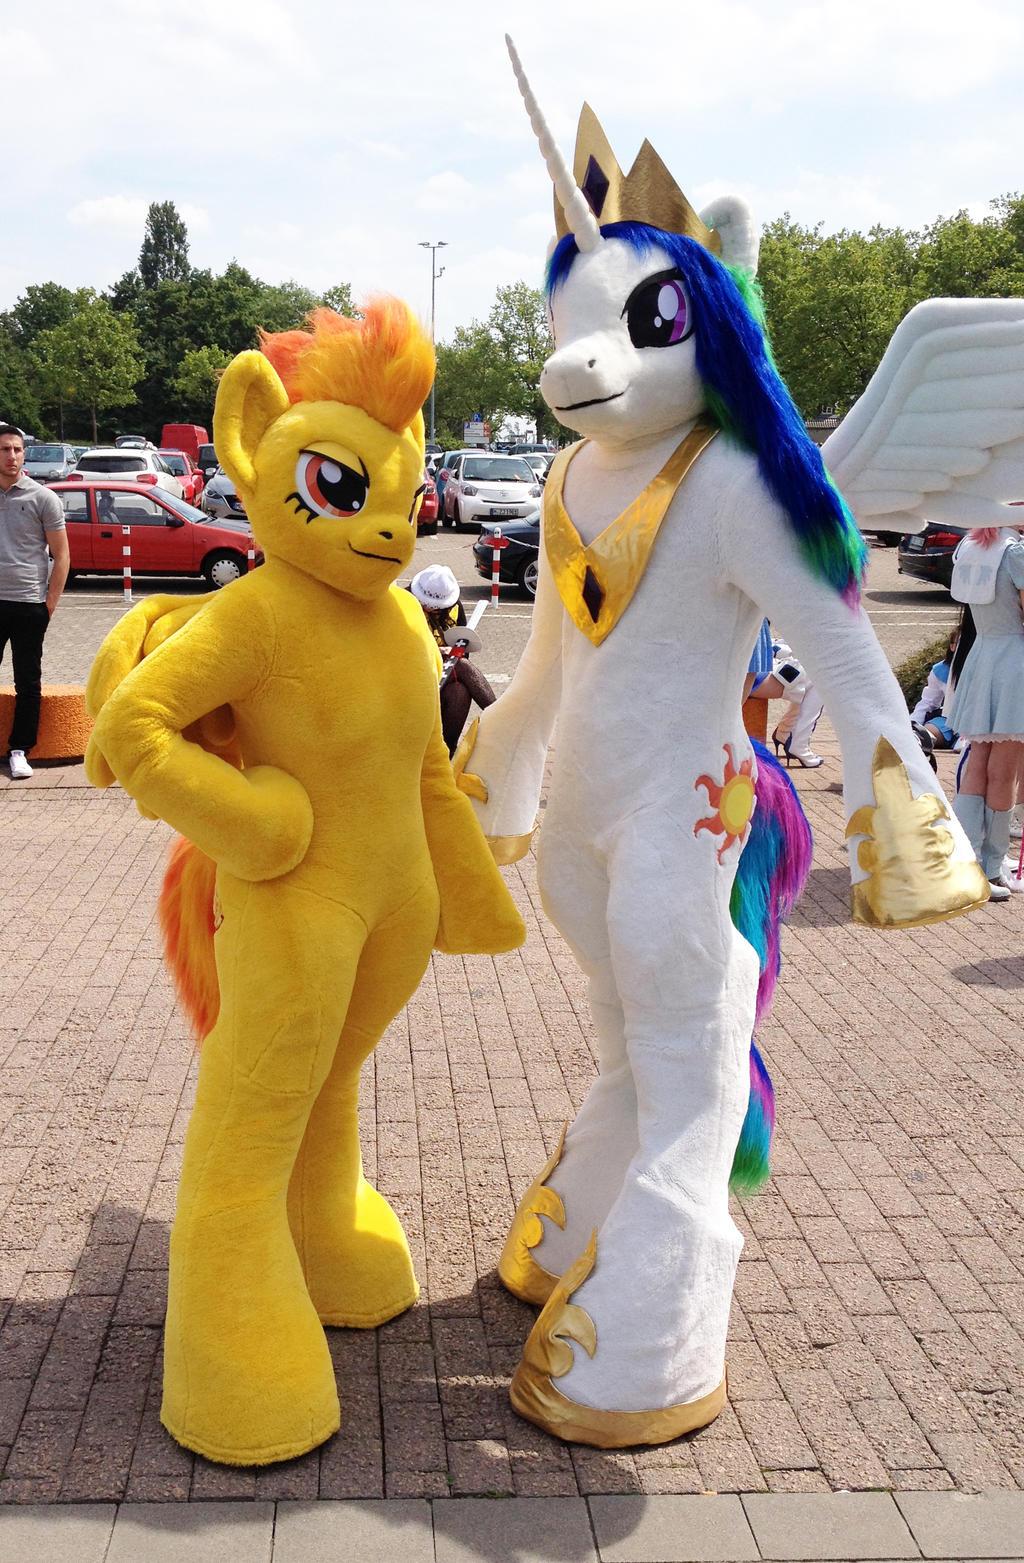 Spitfire and Celestia [My little Pony] Costume by Miru-sama